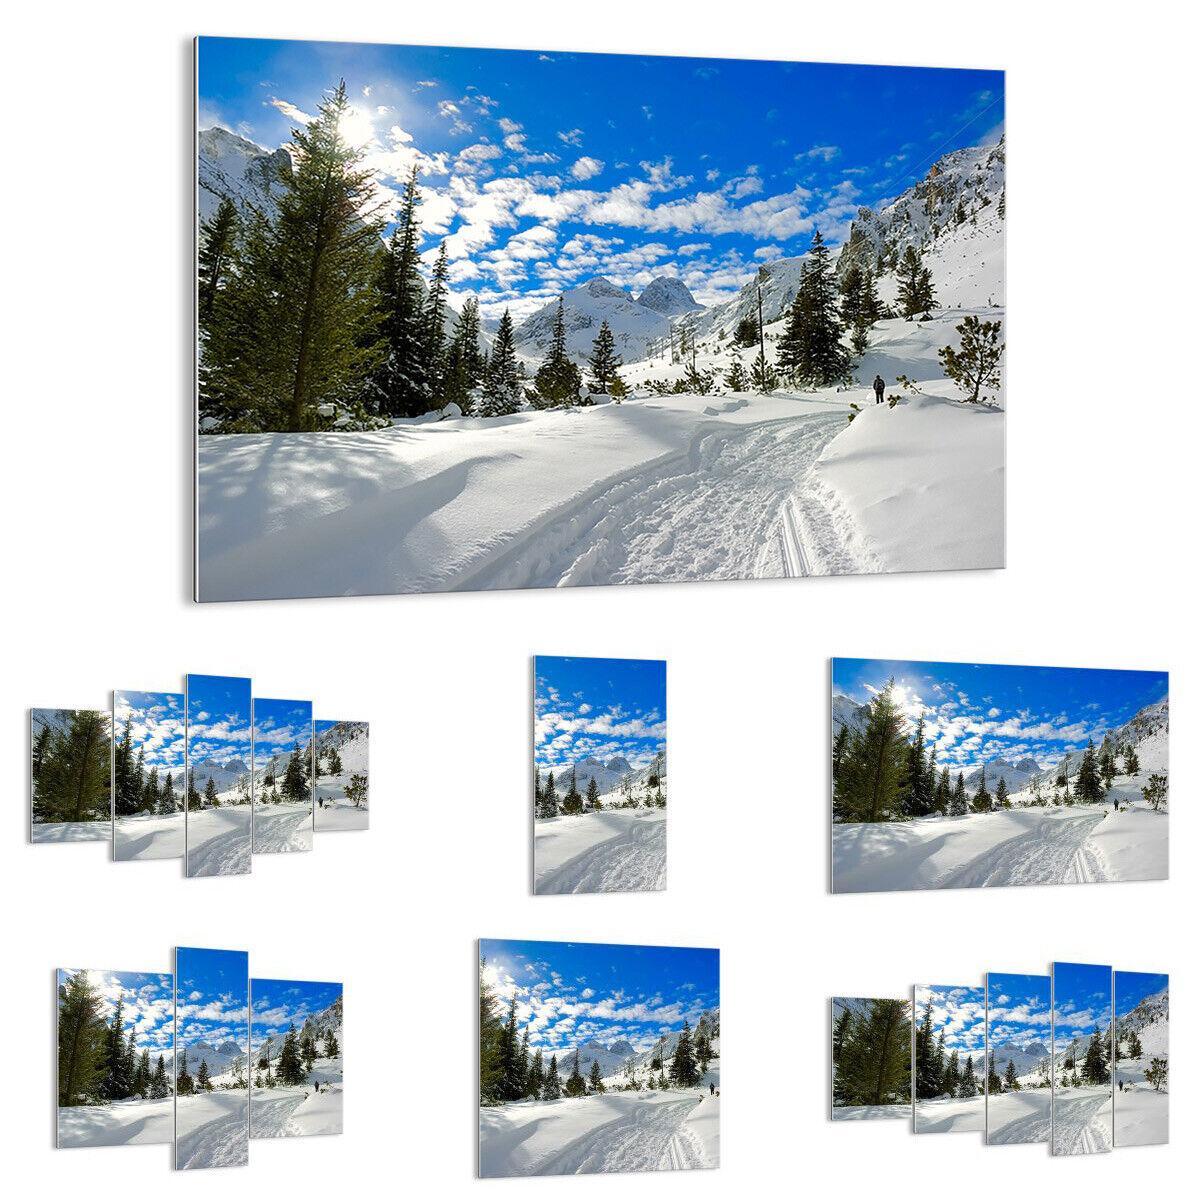 GLASBILD Wandbild Deko Tal Wolken Lawine Sport 1436 DE